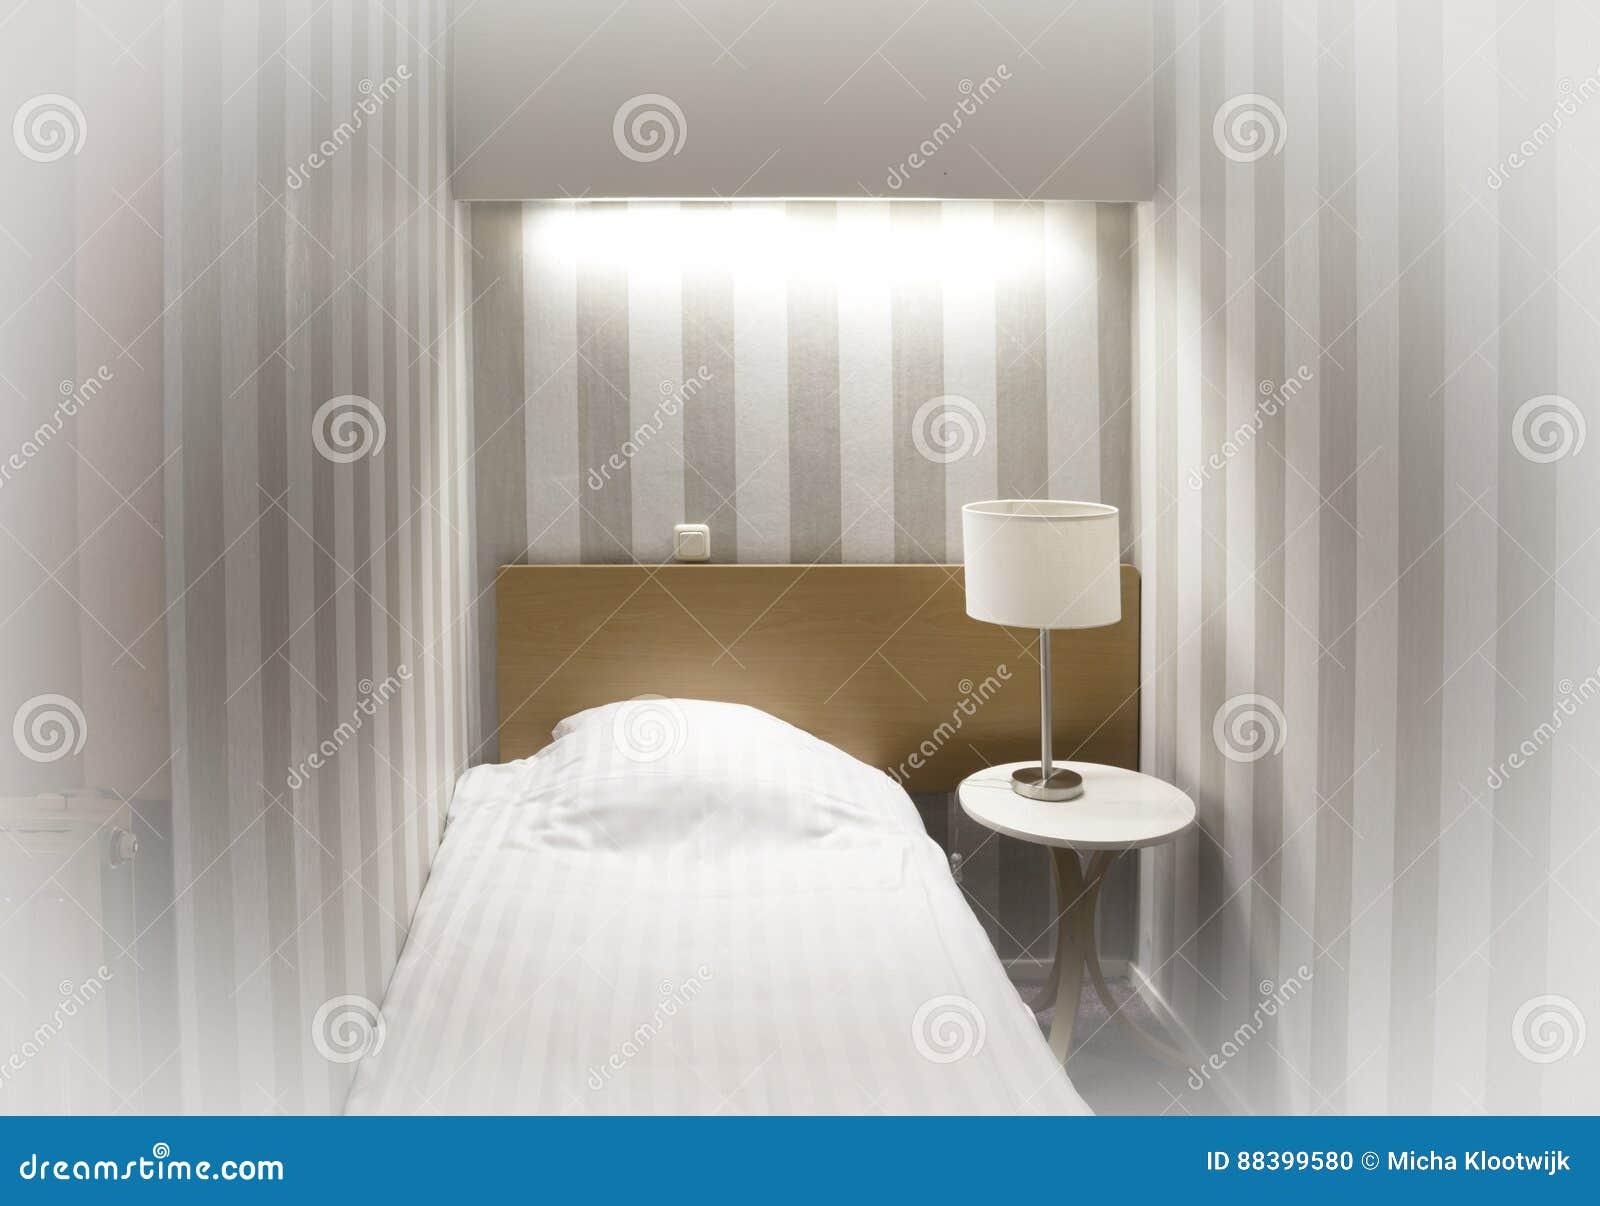 Camera di albergo semplice letto singolo fotografia stock